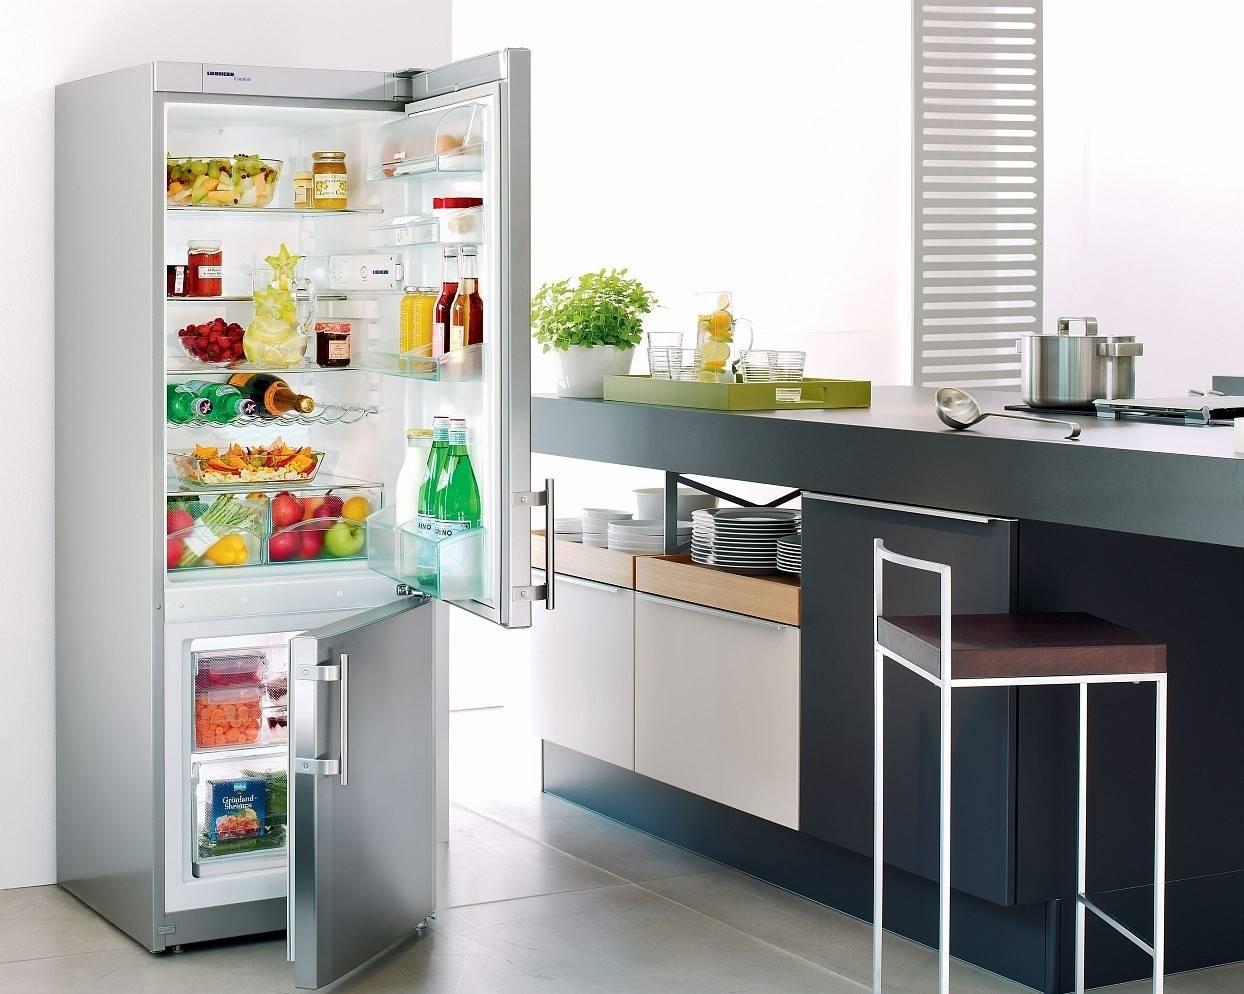 6 лучших холодильников бирюса